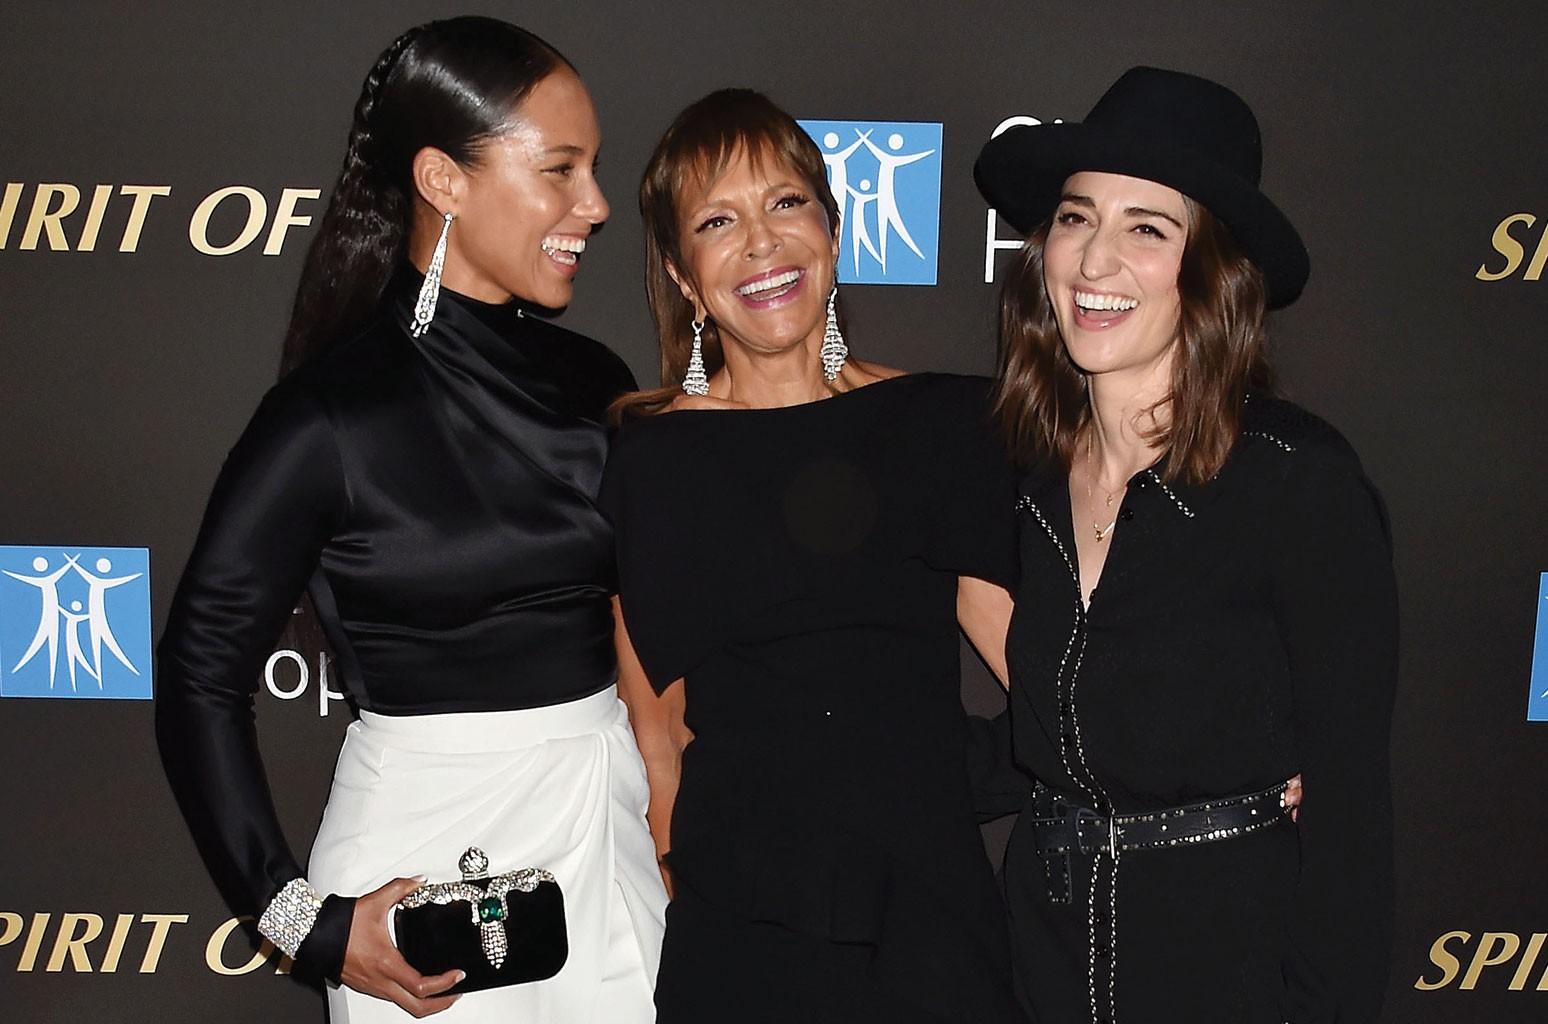 Alicia Keys, Sylvia Rhone and Sara Bareilles